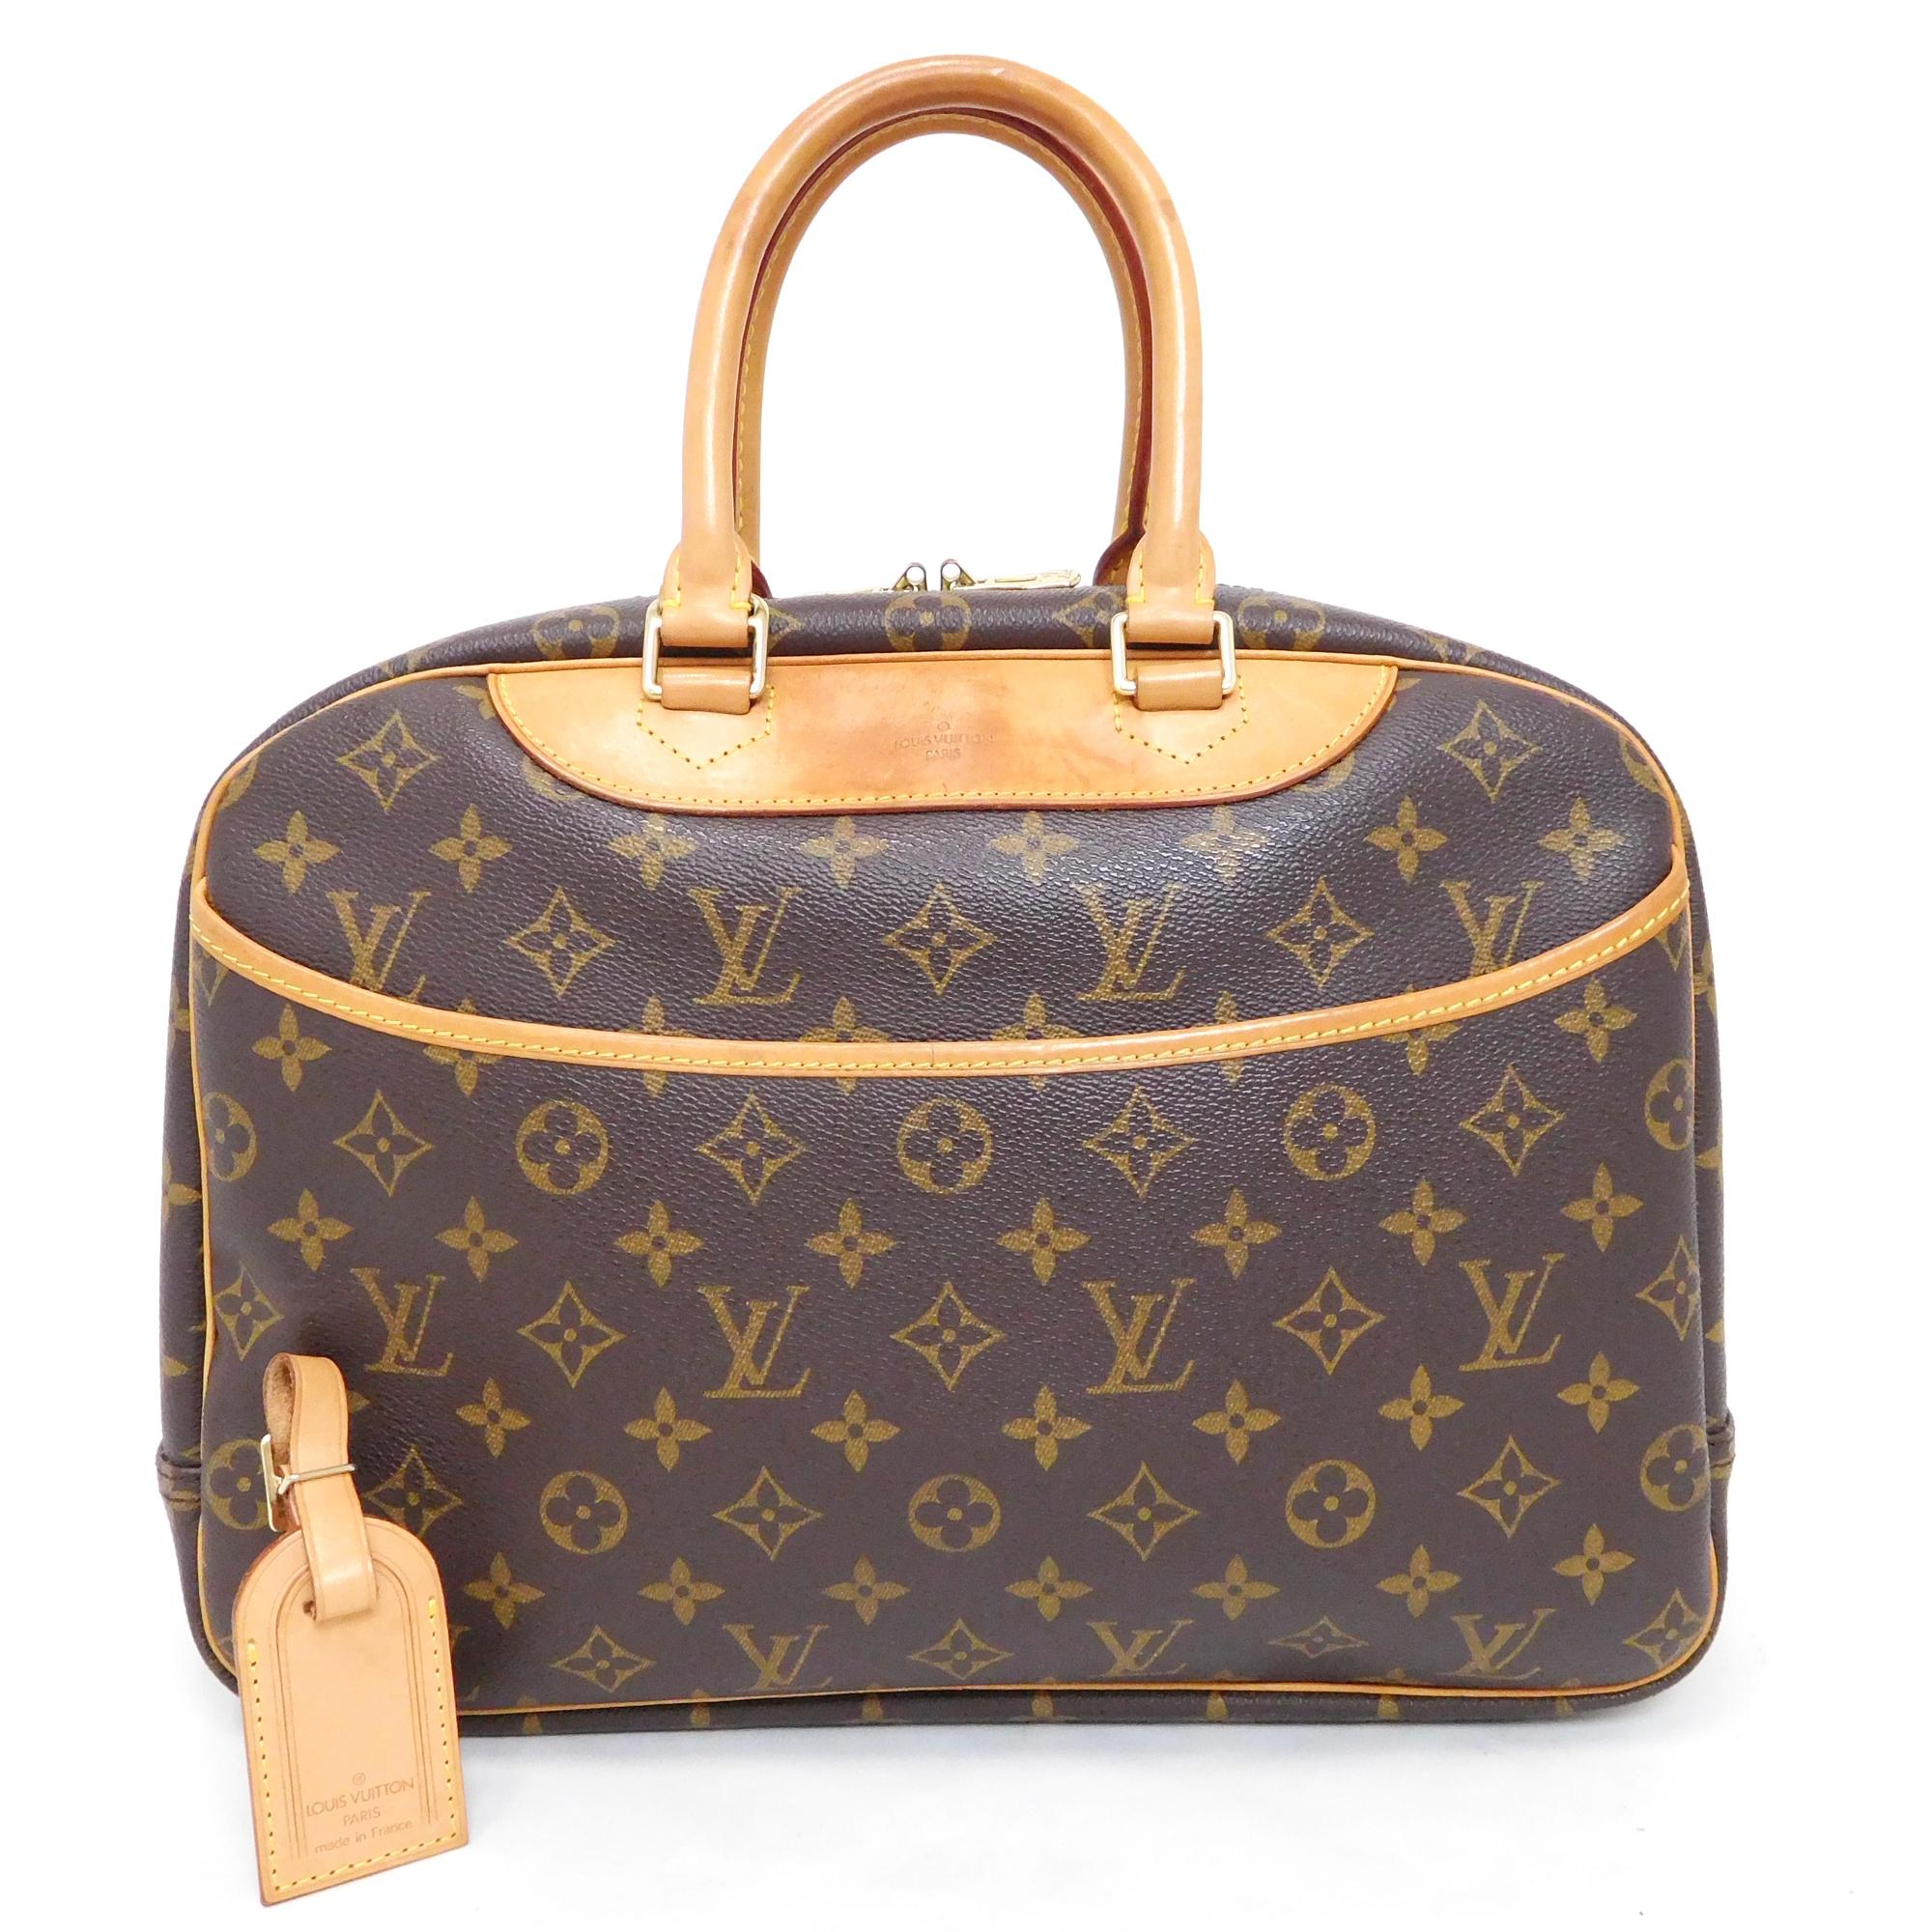 14e365341f893 Auth Louis Vuitton Monogram Deauville M47270 Women s Handbag